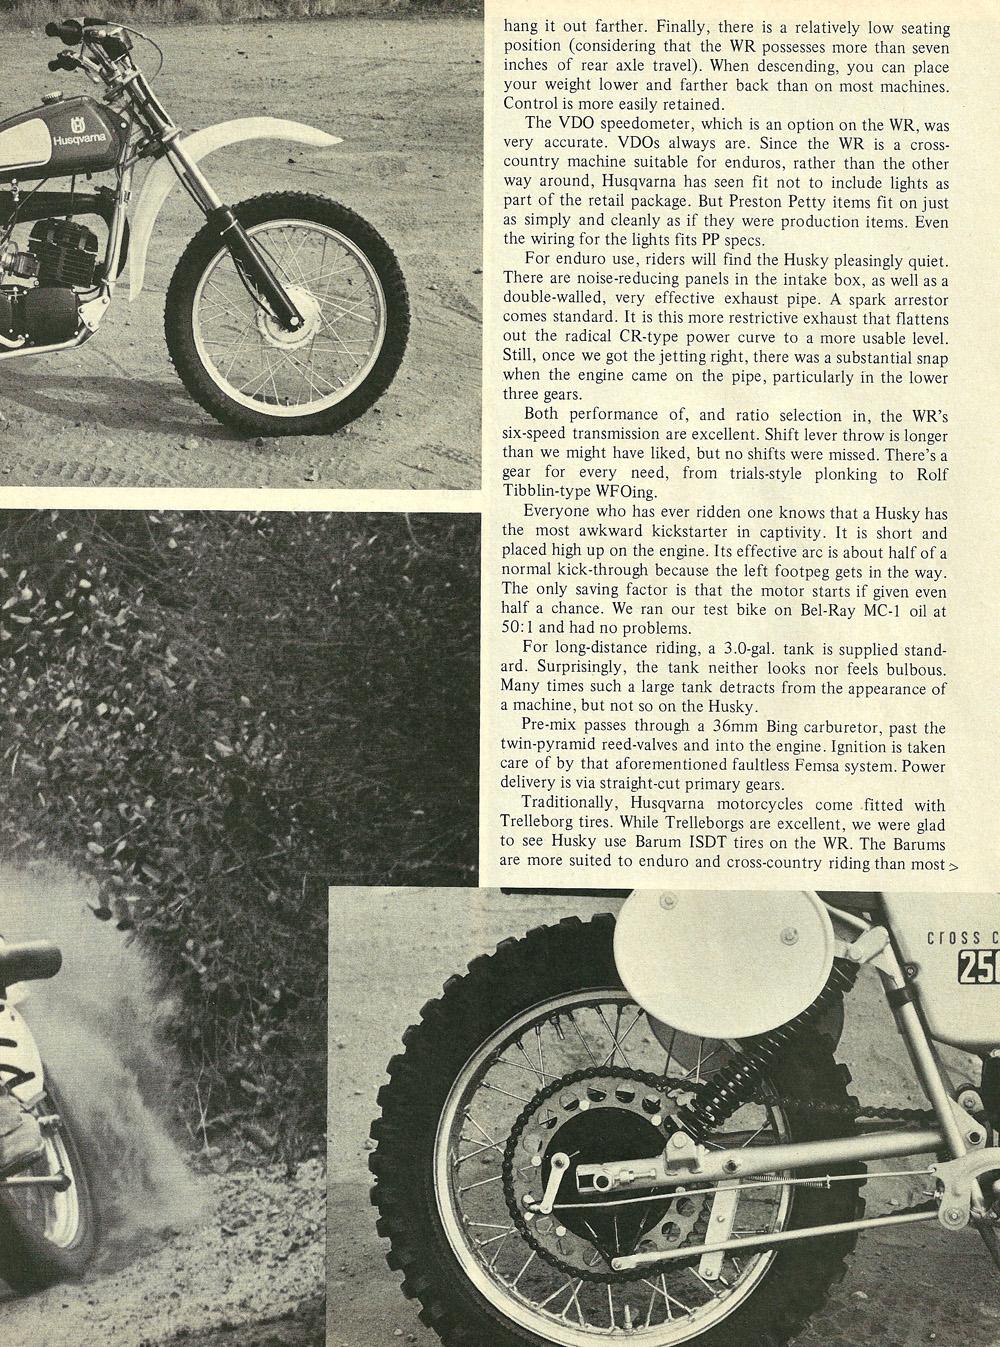 1976 Husqvarna 250WR road test 05.jpg